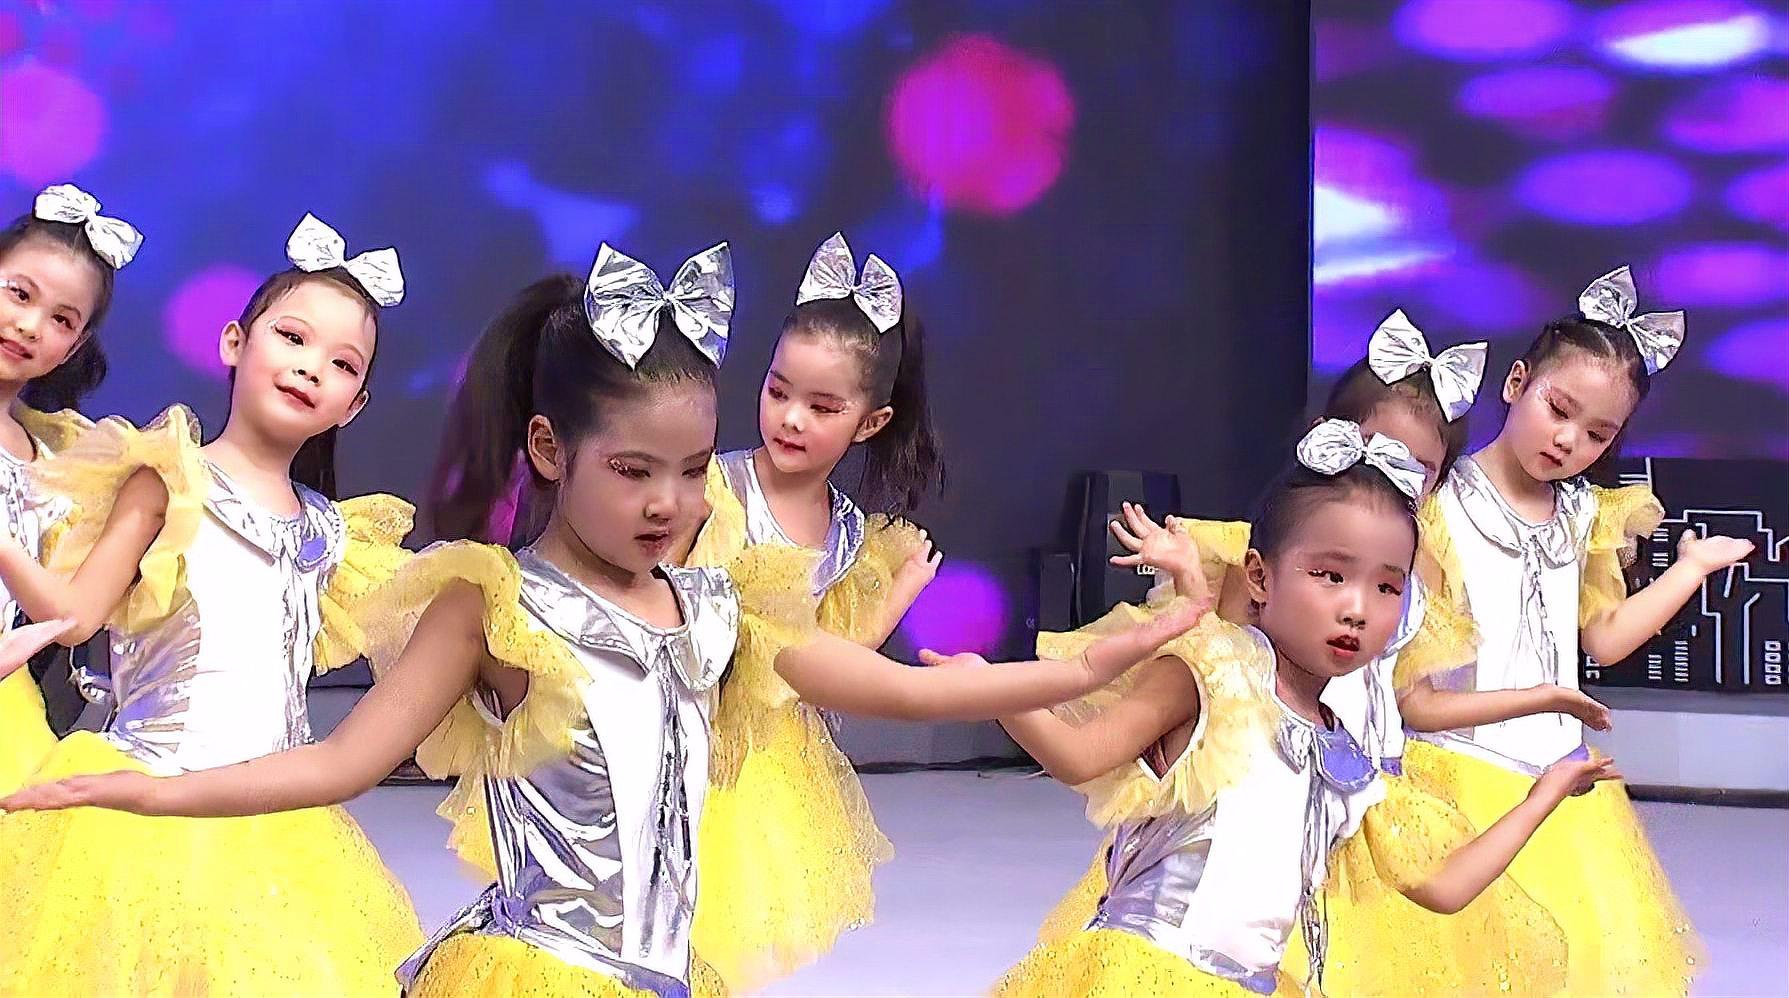 蝴蝶泉边儿童舞蹈在线视频+歌词